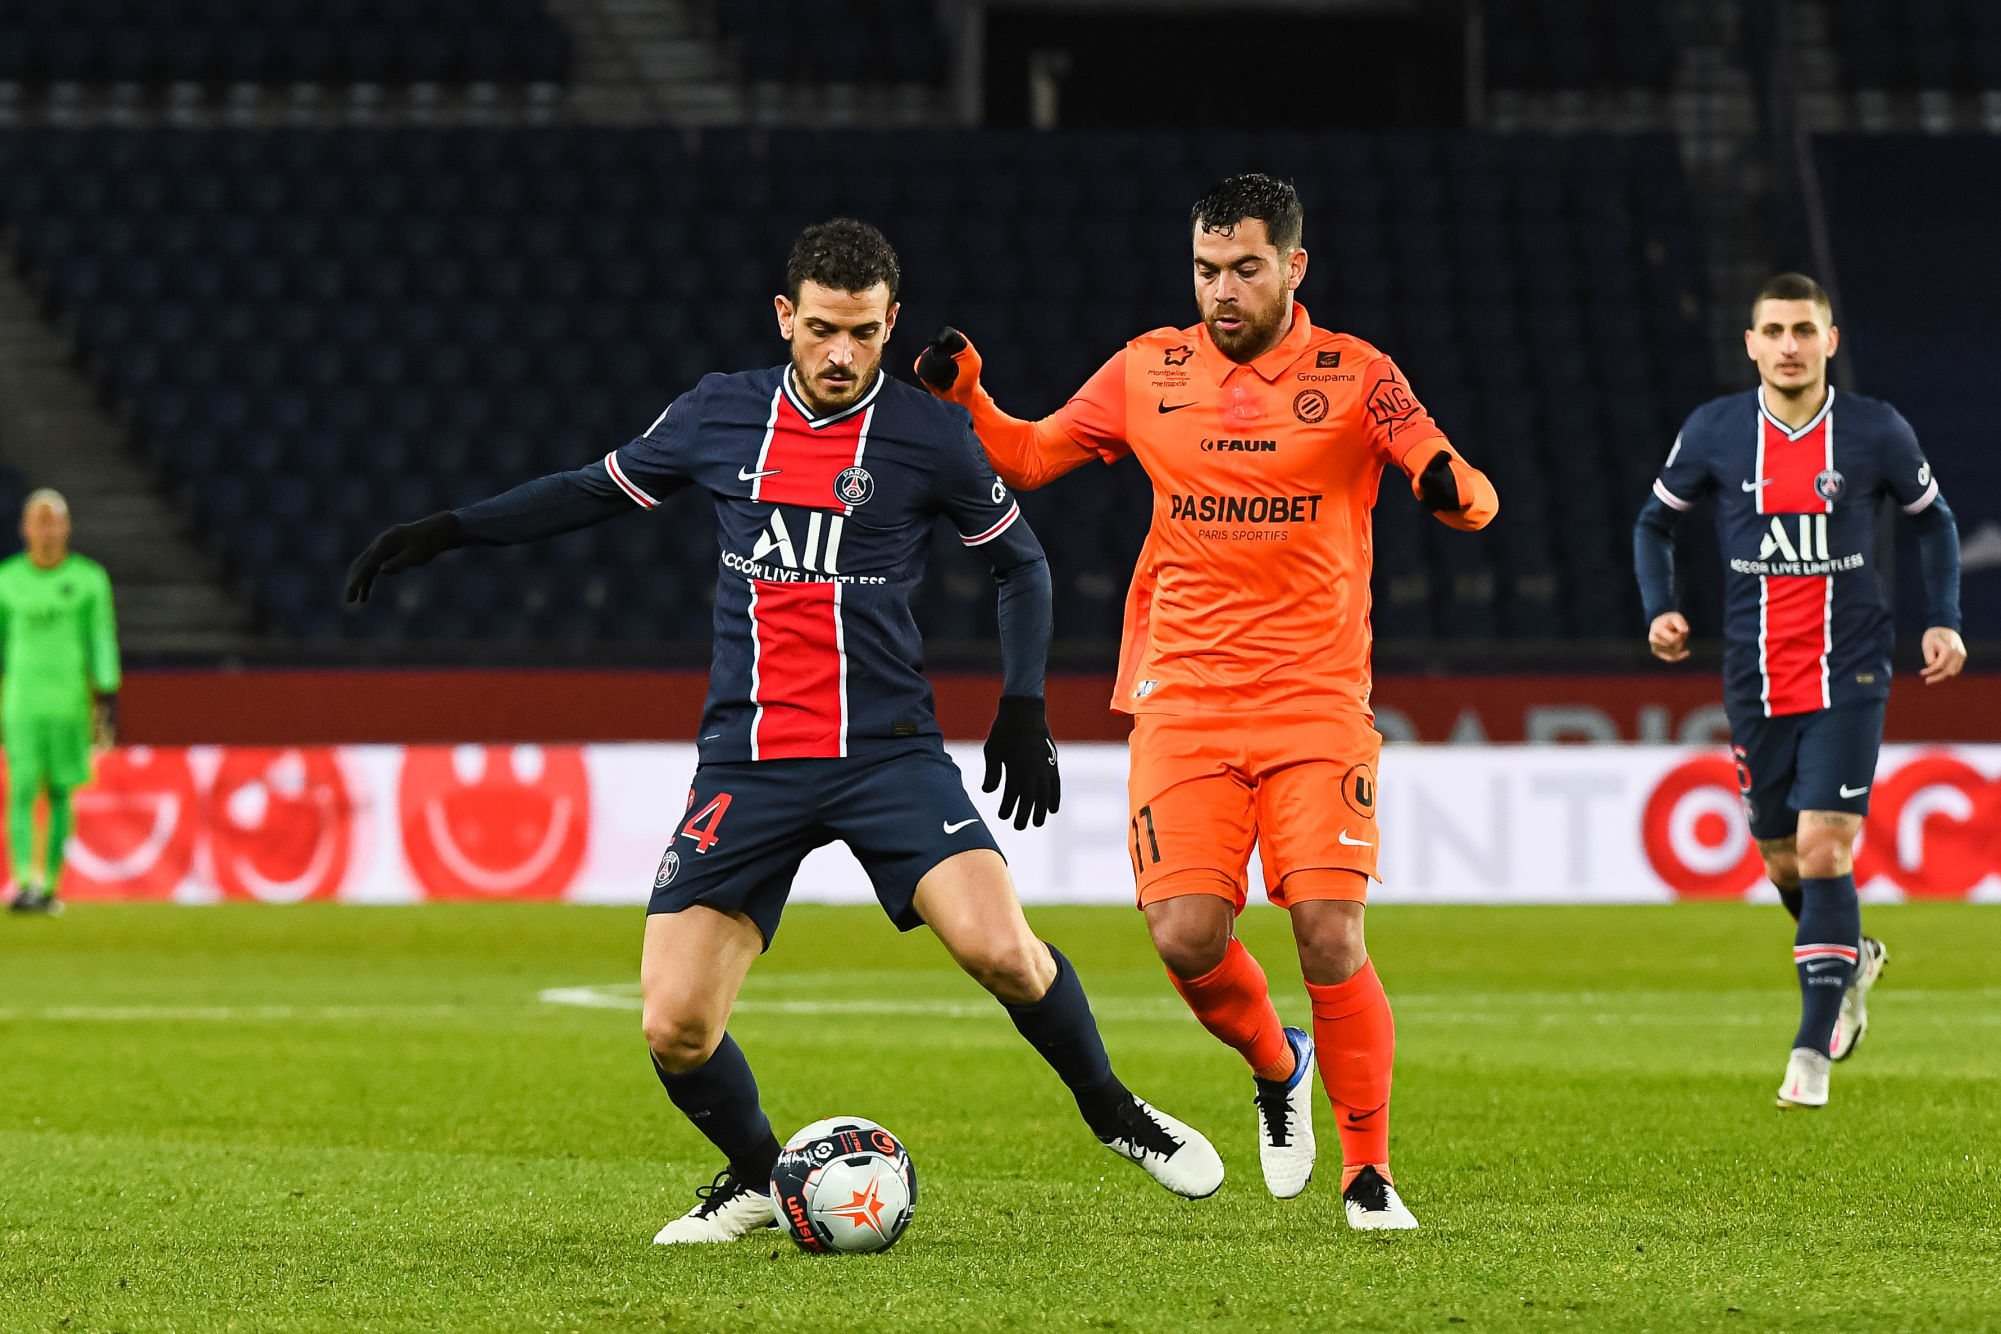 """PSG/Montpellier - Savanier ne trouve pas """"le score sévère"""" et se tourne vers la suite"""